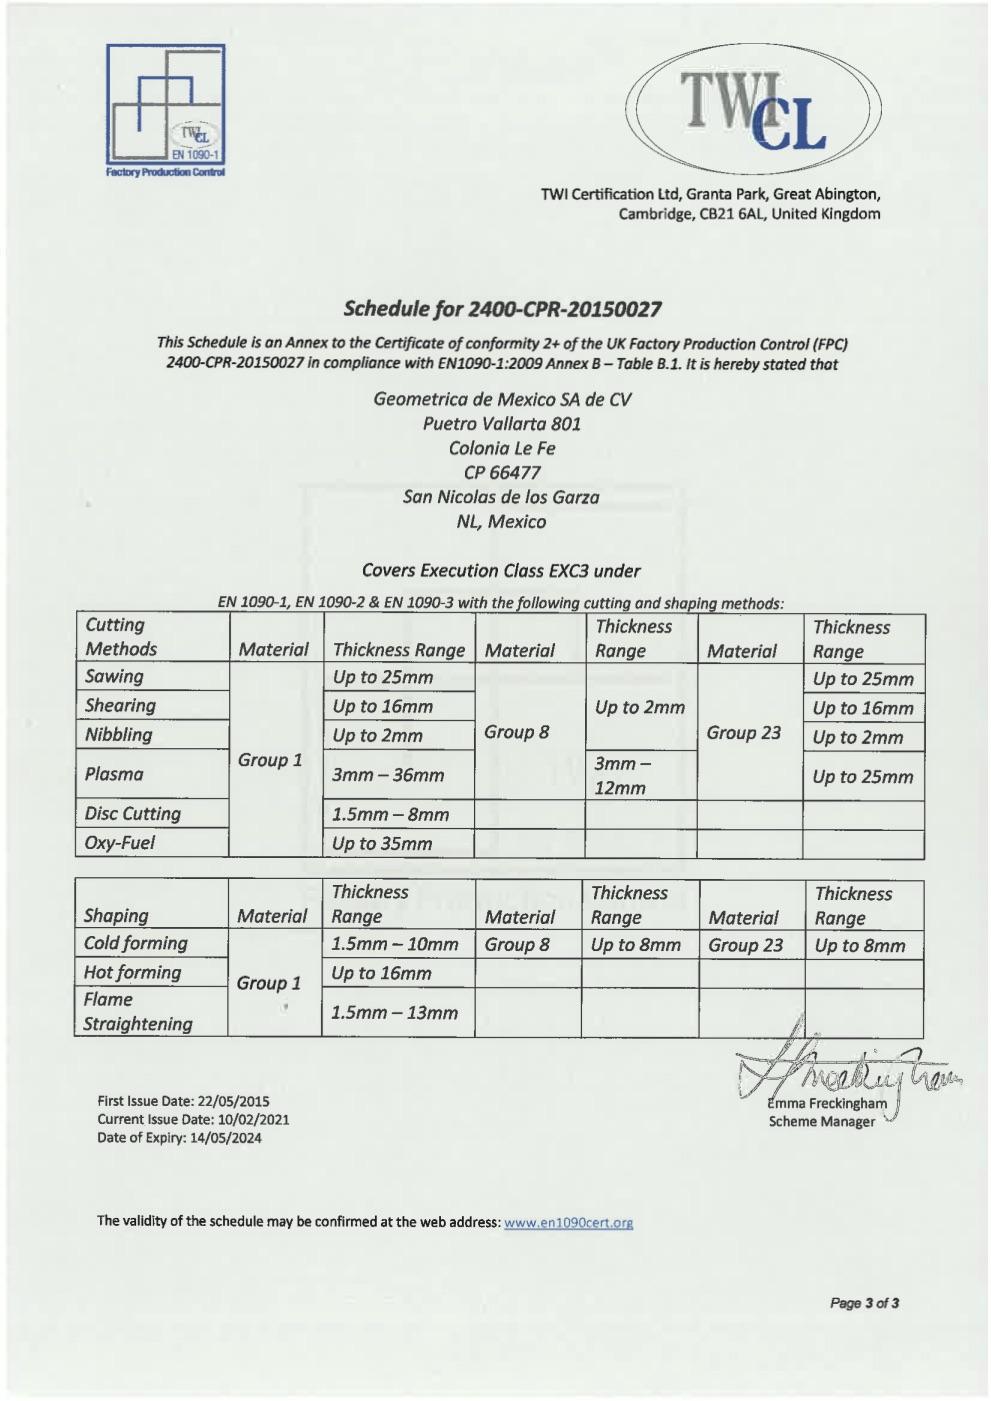 geometrica fpc 1090 certificate cv mexico sa pdf